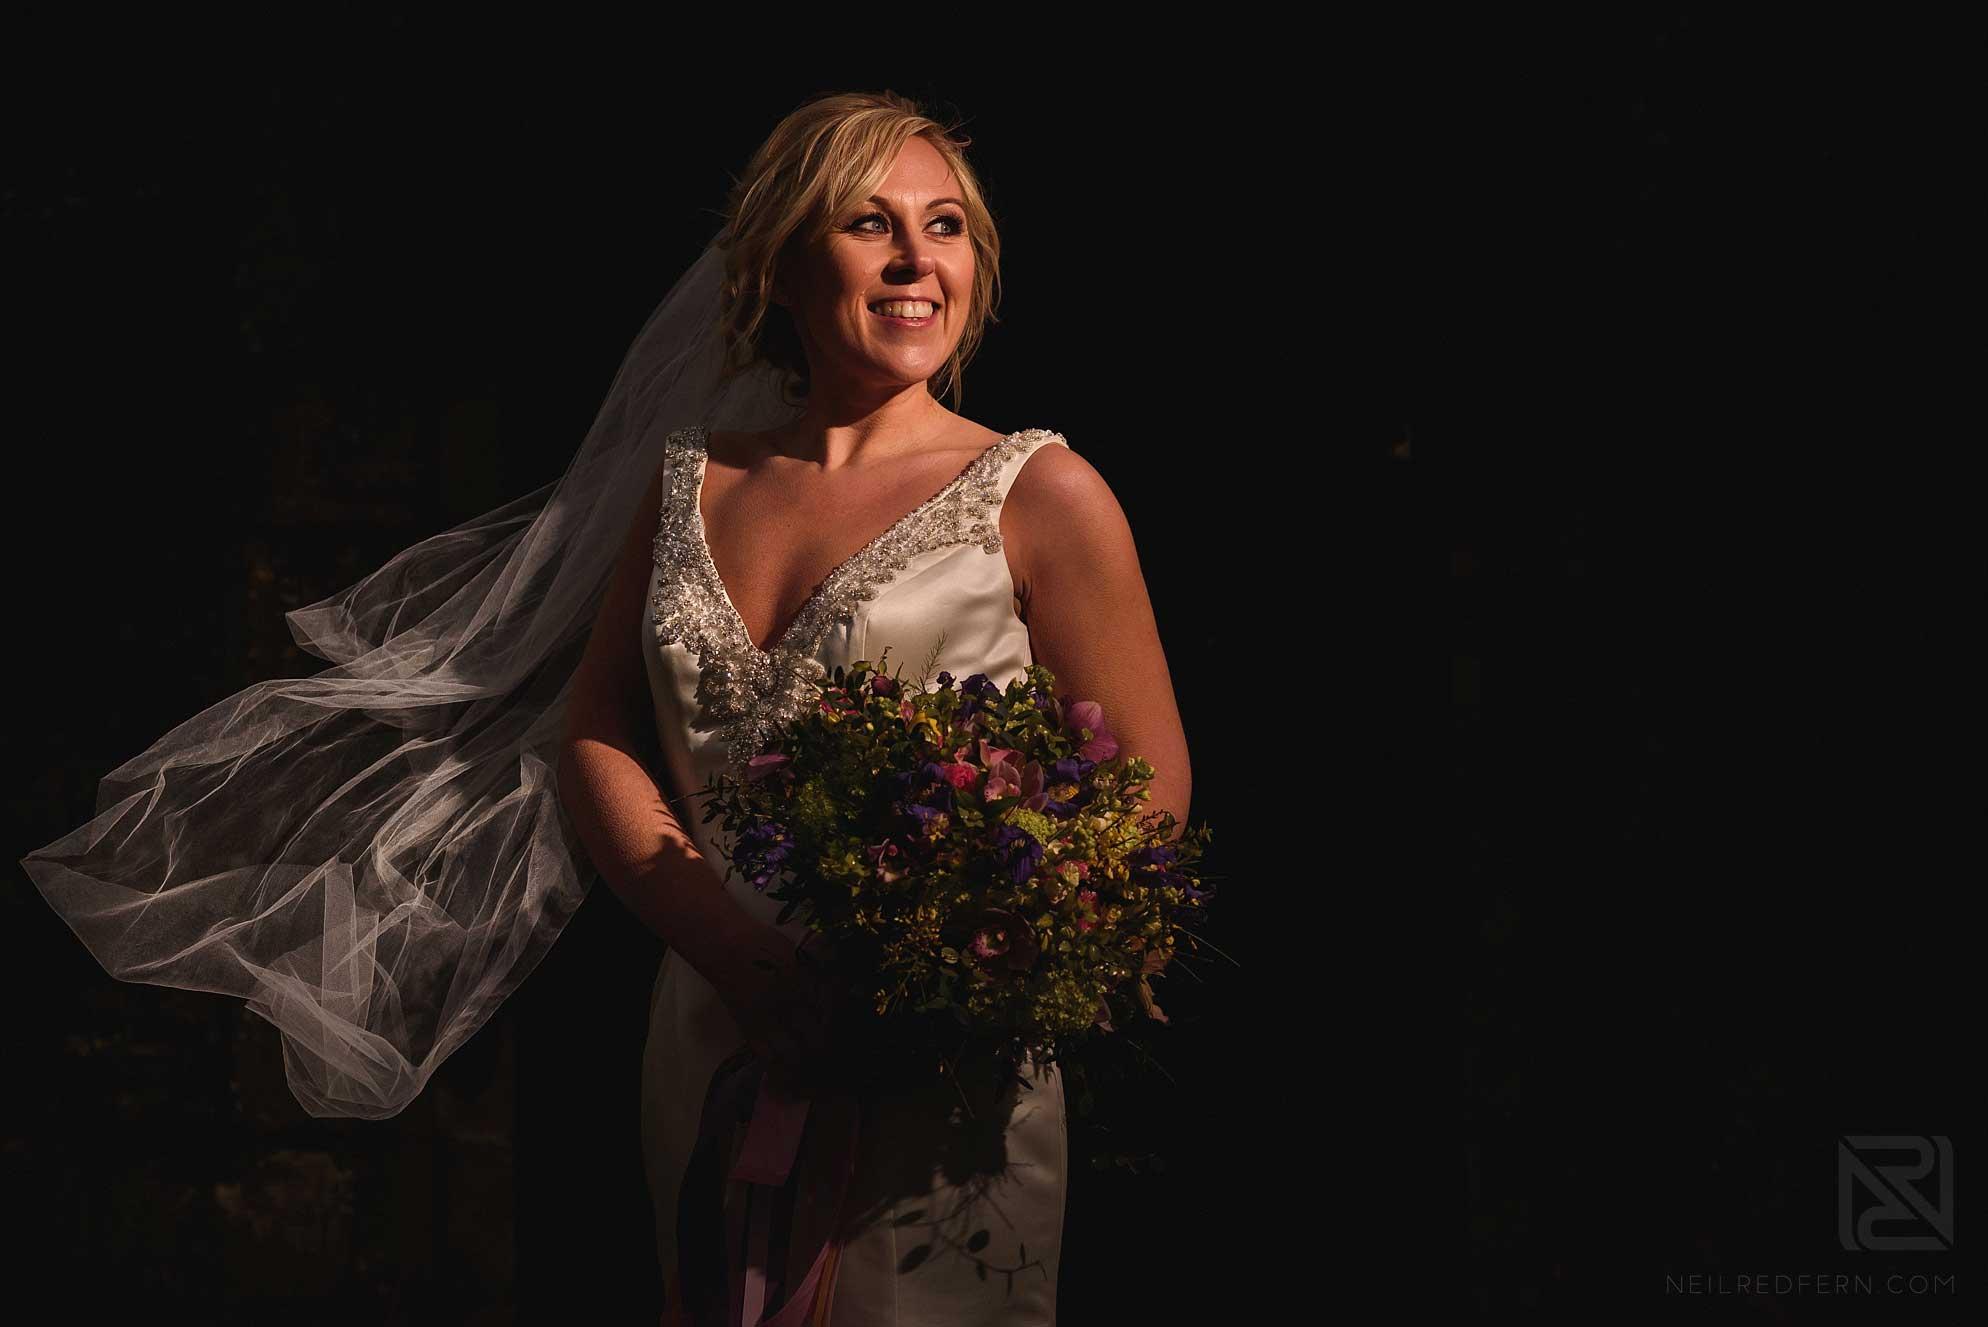 wedding-photography-workshop-lancashire-12